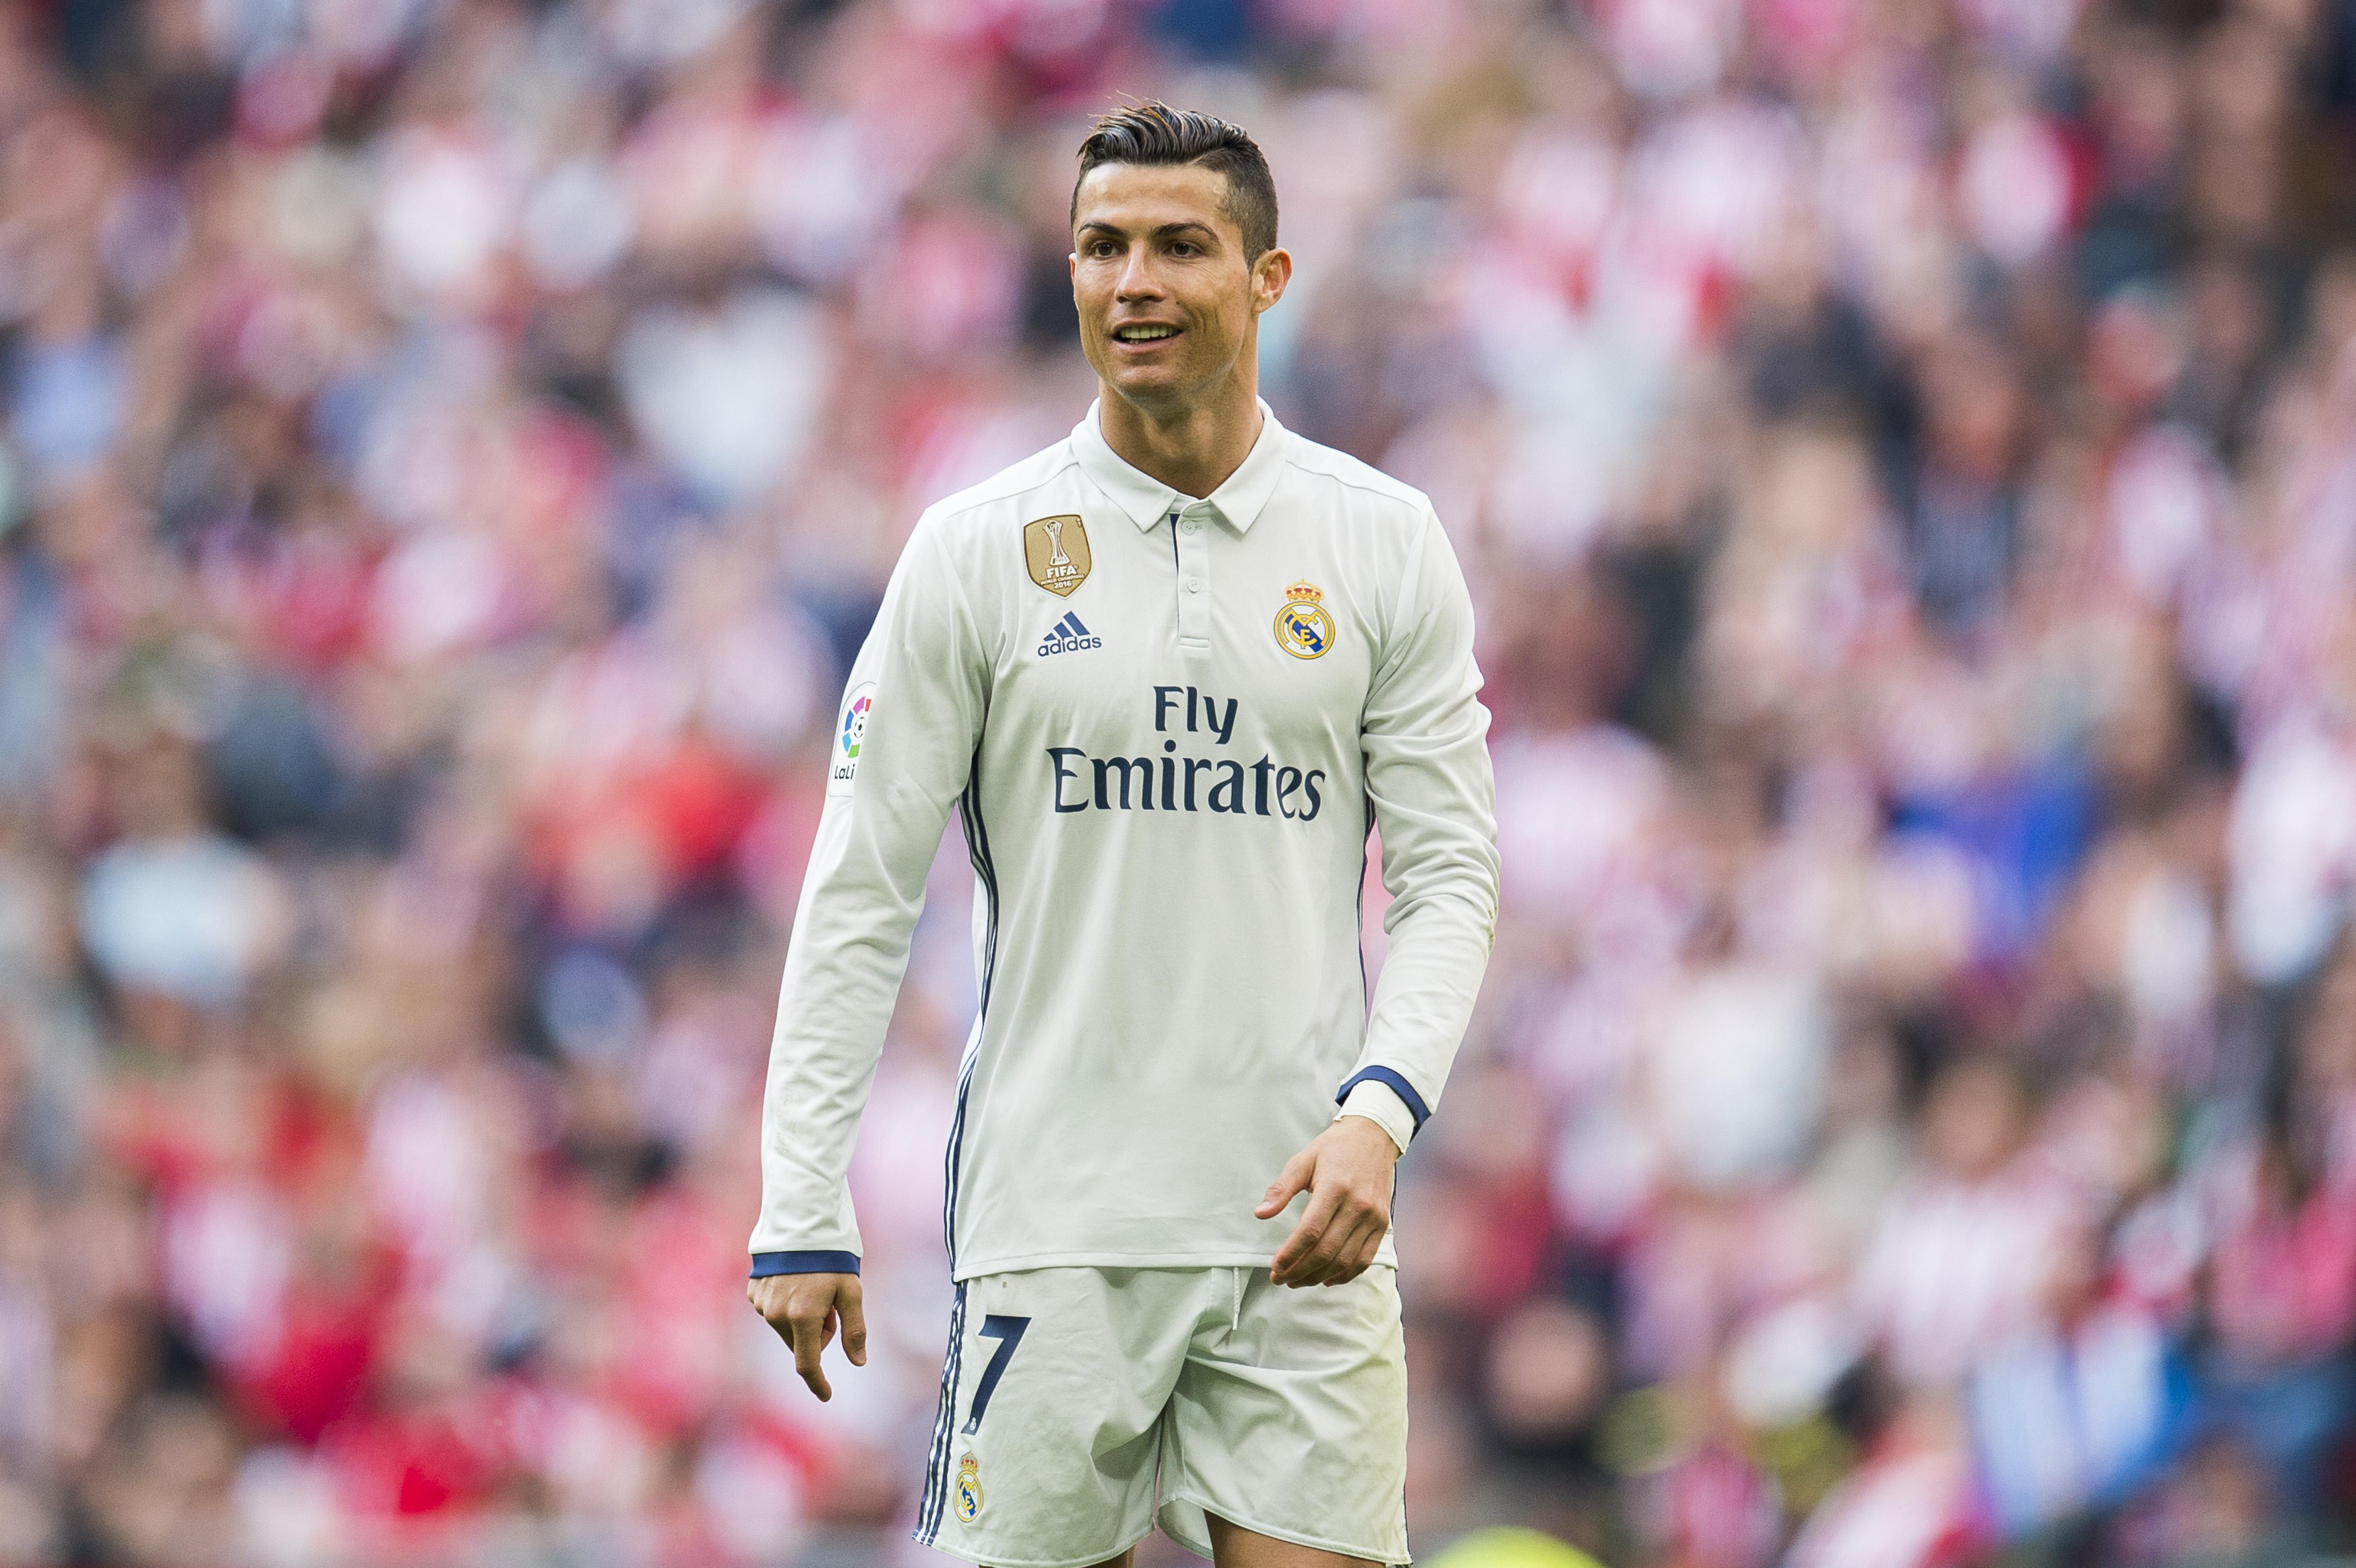 2 Real Madrid 2017 La Liga: Real Madrid Vs. Alaves Live Stream: Watch La Liga Online